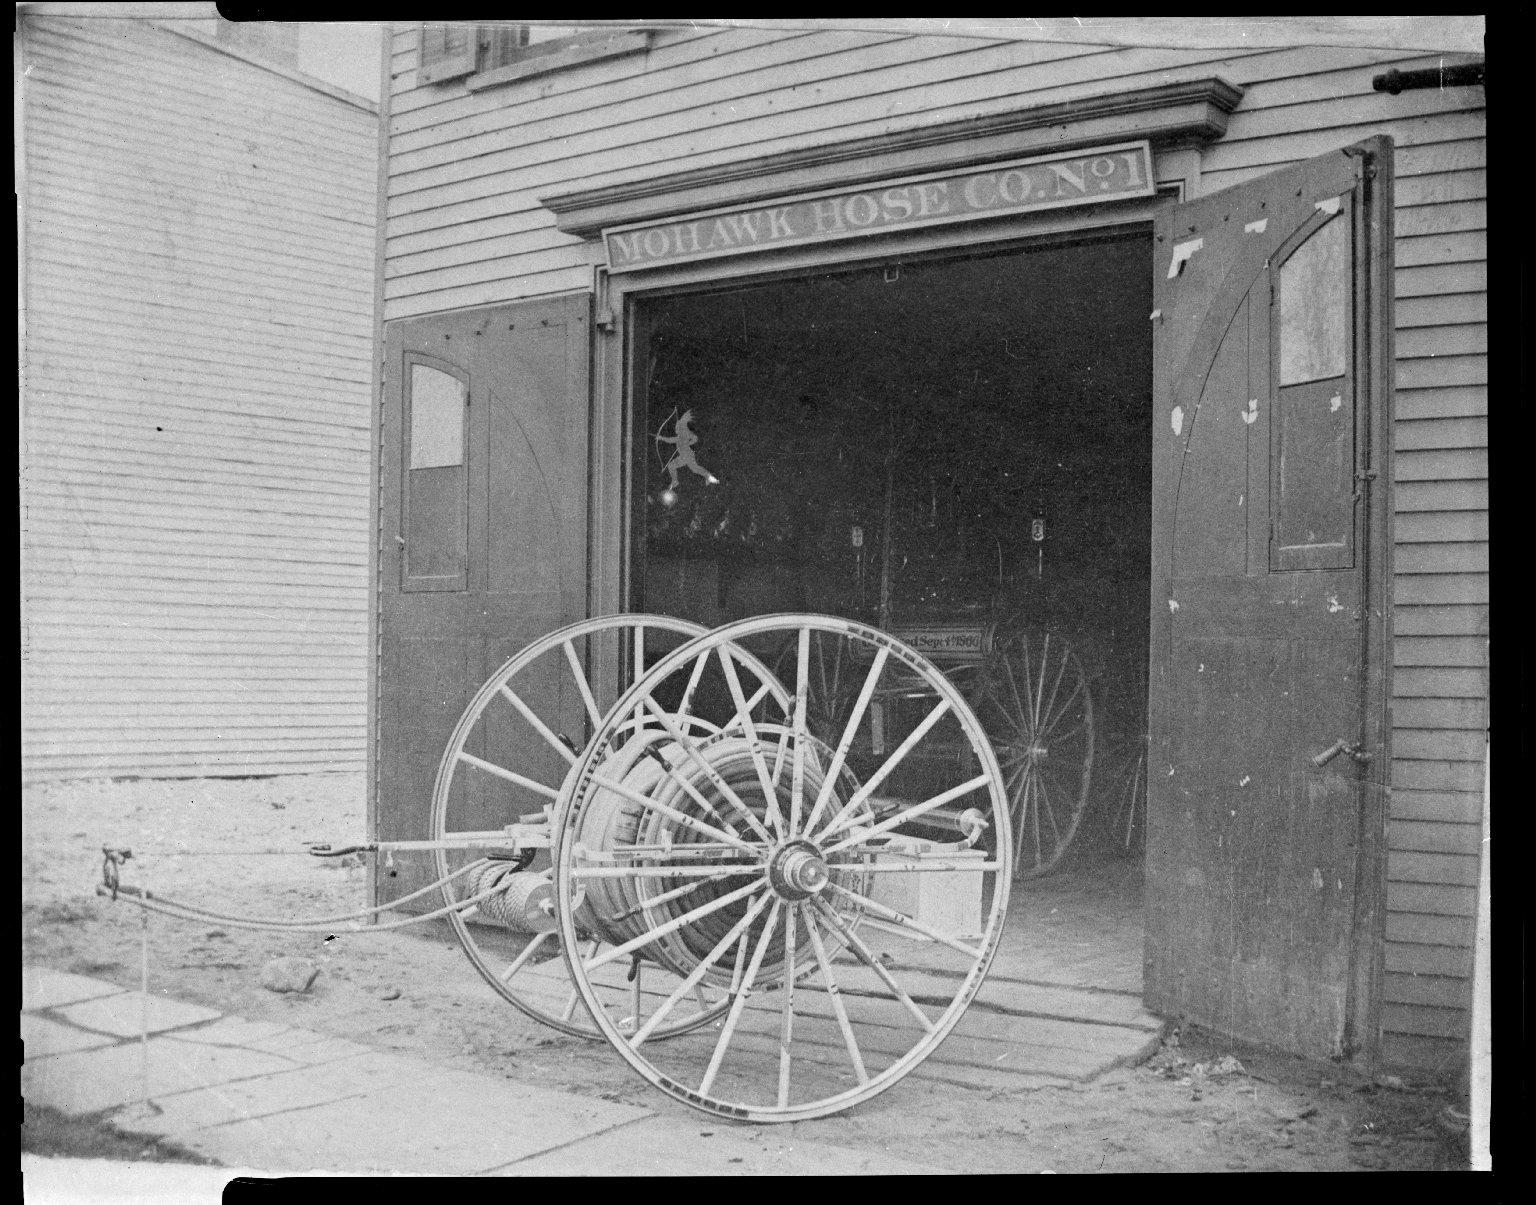 Прицеп с пожарными рукавами. Нью-Йорк, США. Начало 20 века